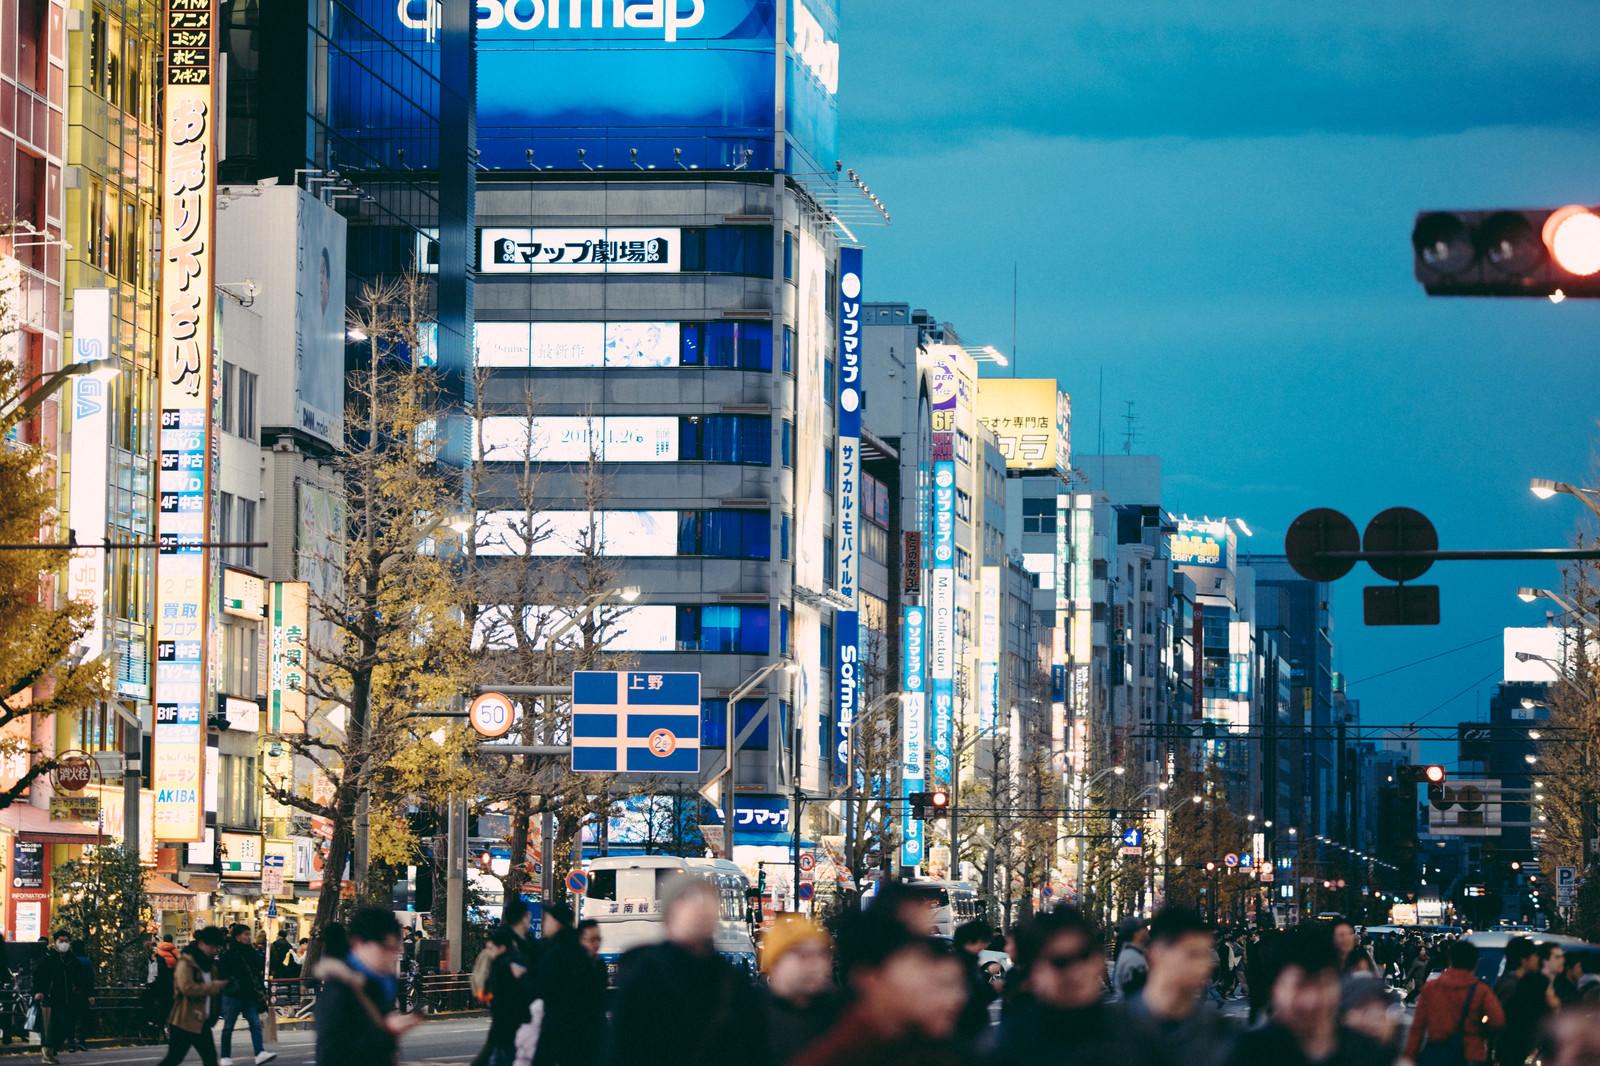 「横断中の通行人と街並み」の写真